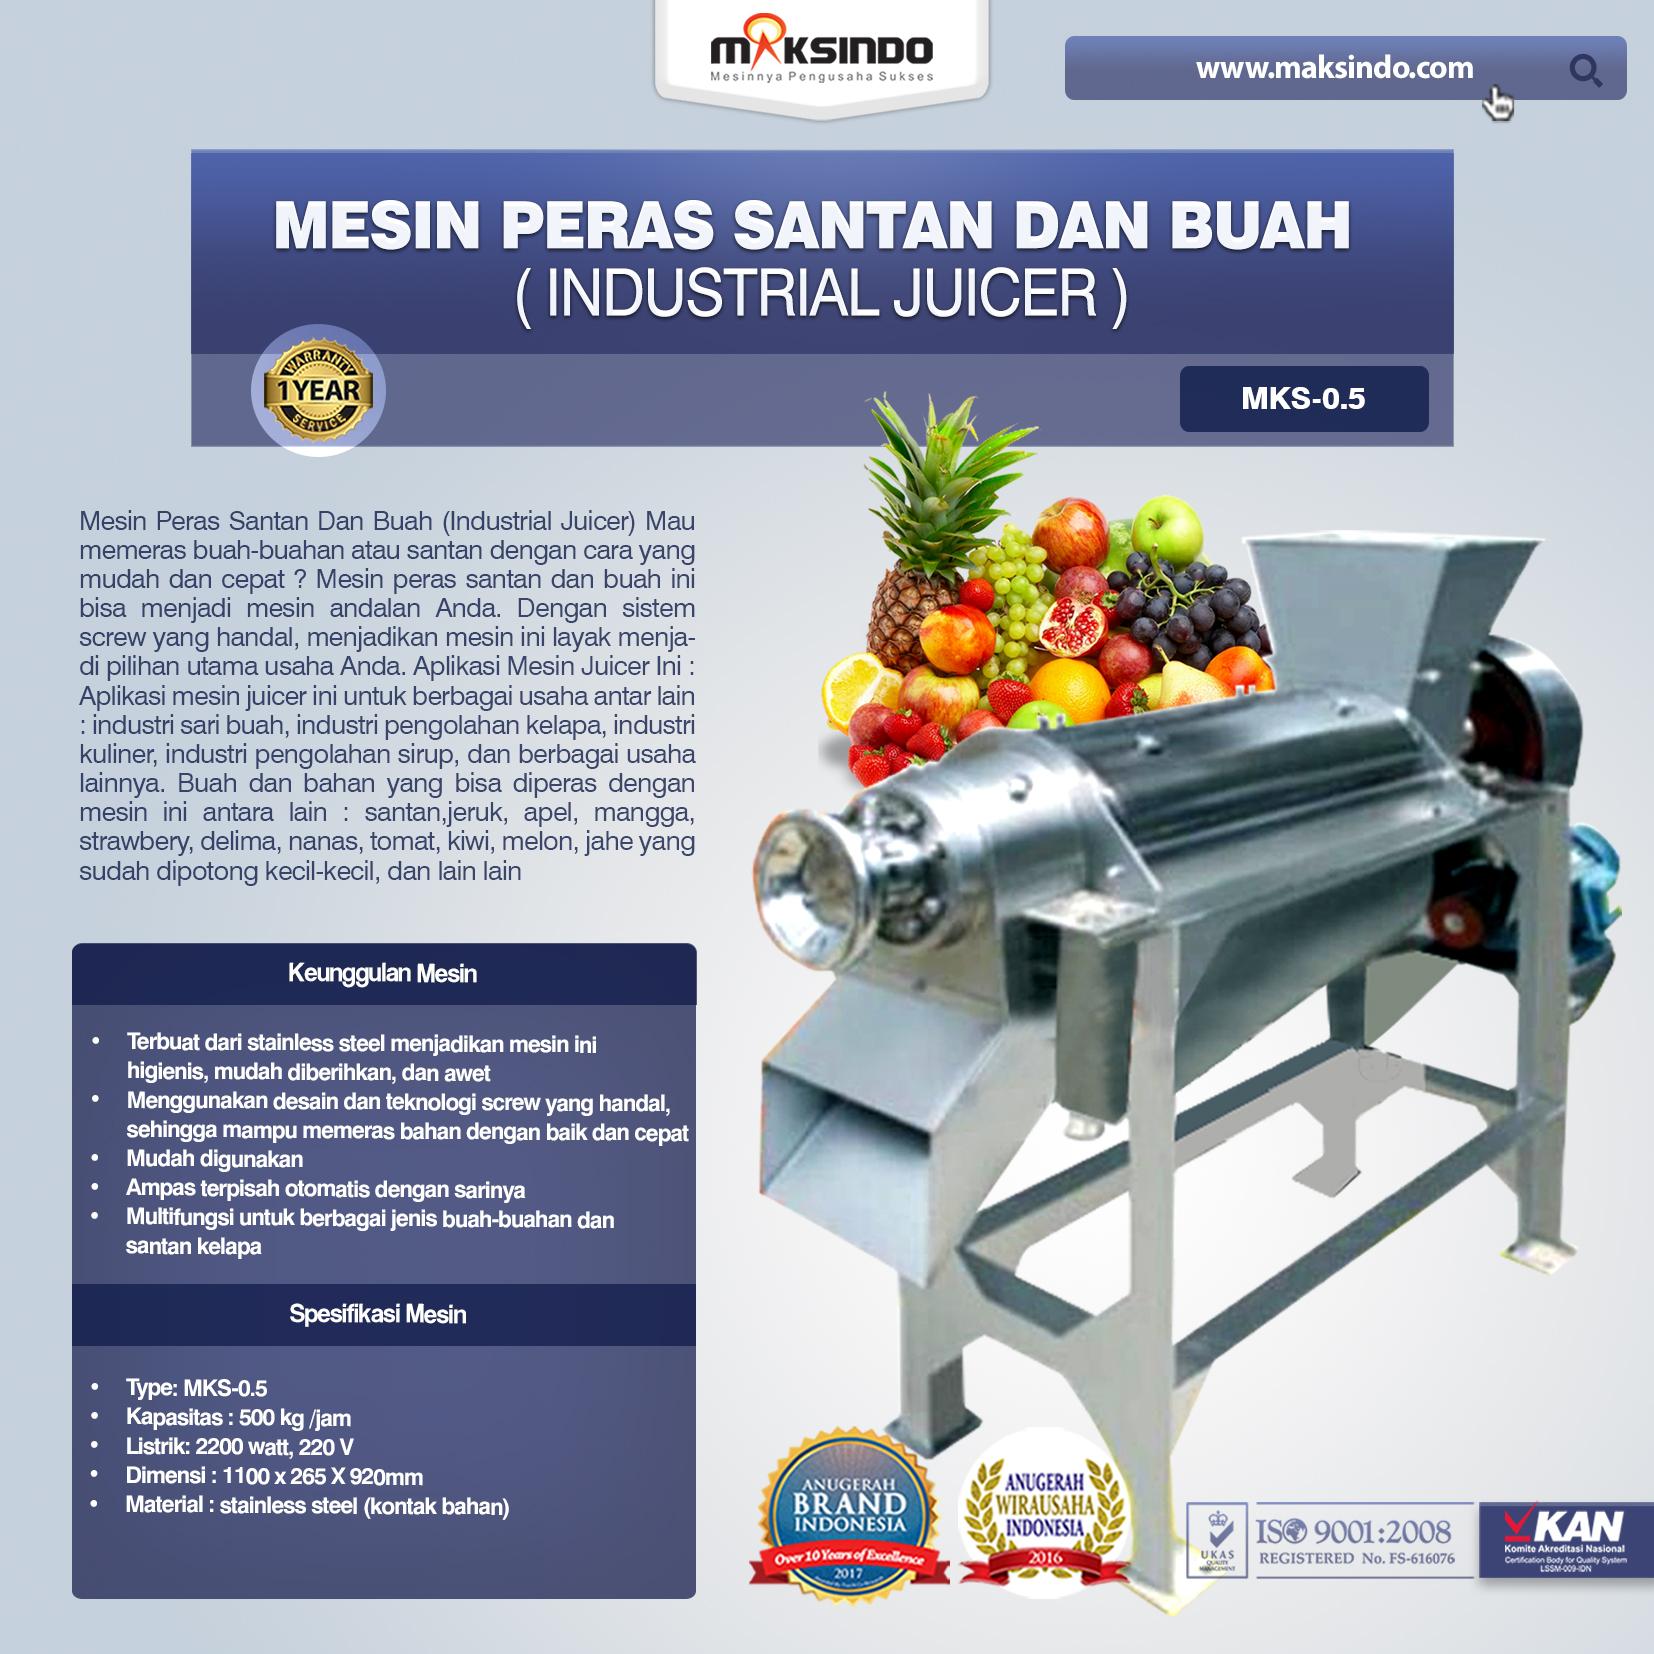 Mesin Peras Santan Dan Buah (Industrial Juicer) Type MKS-0.5